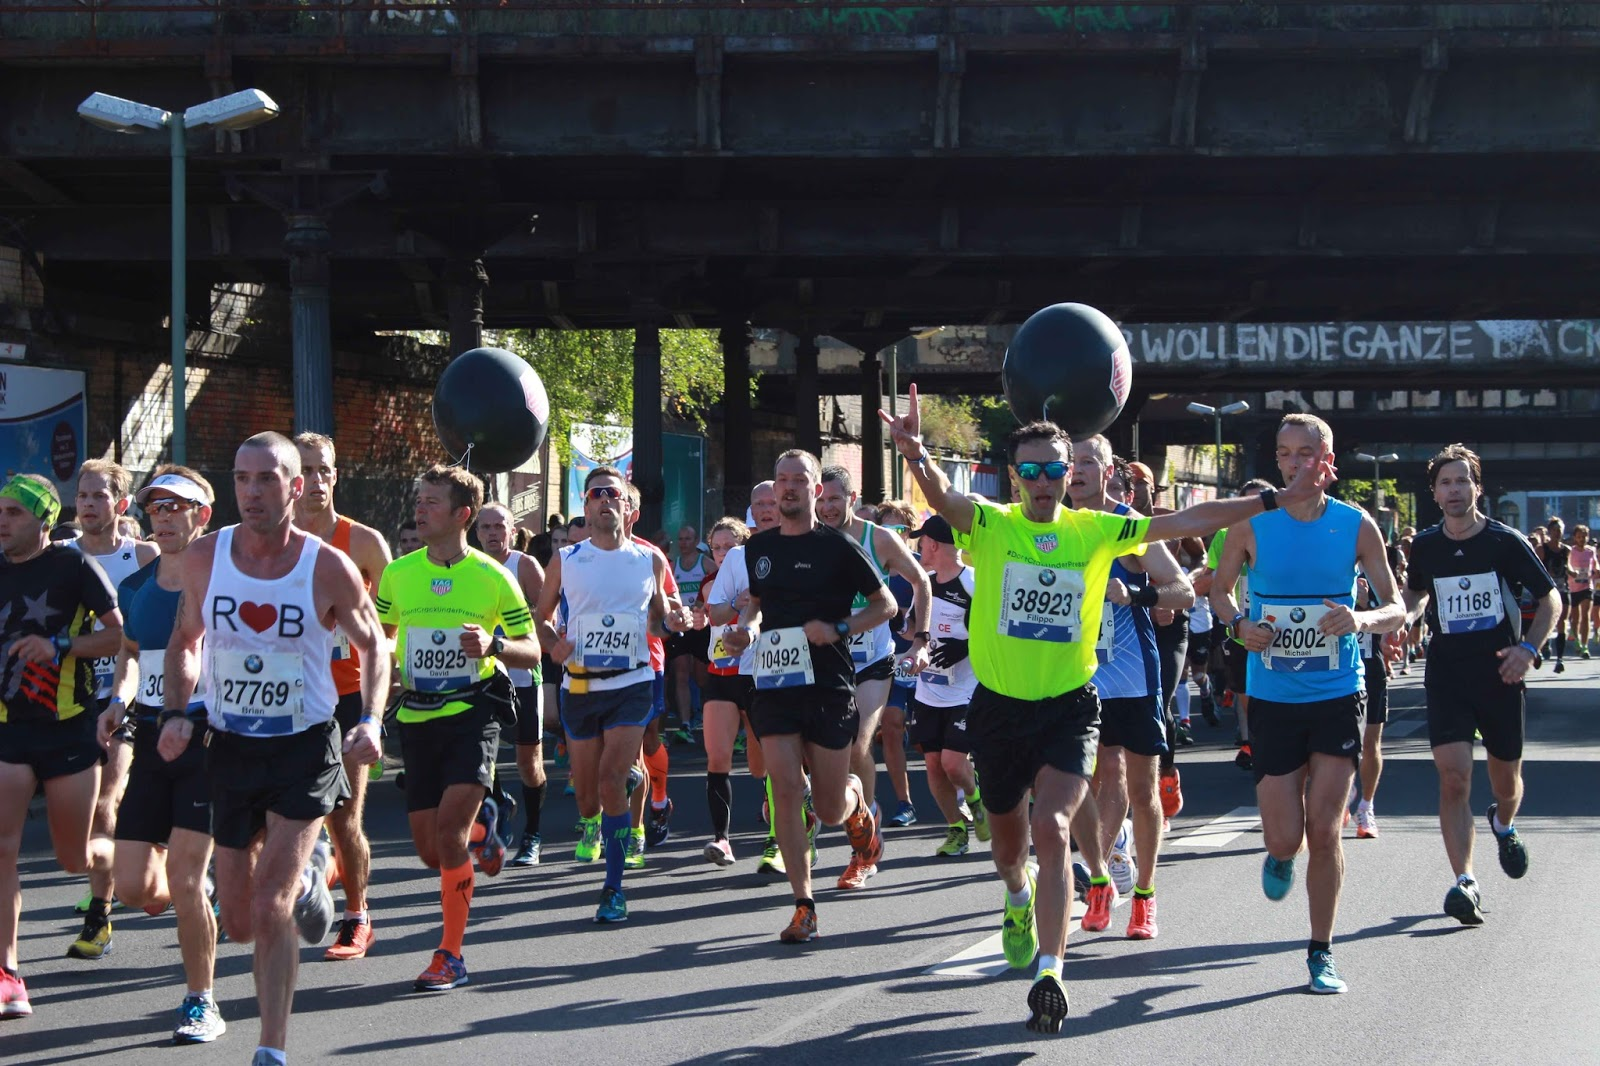 24c7901465c Così voglio ricordare questa Berlin Marathon